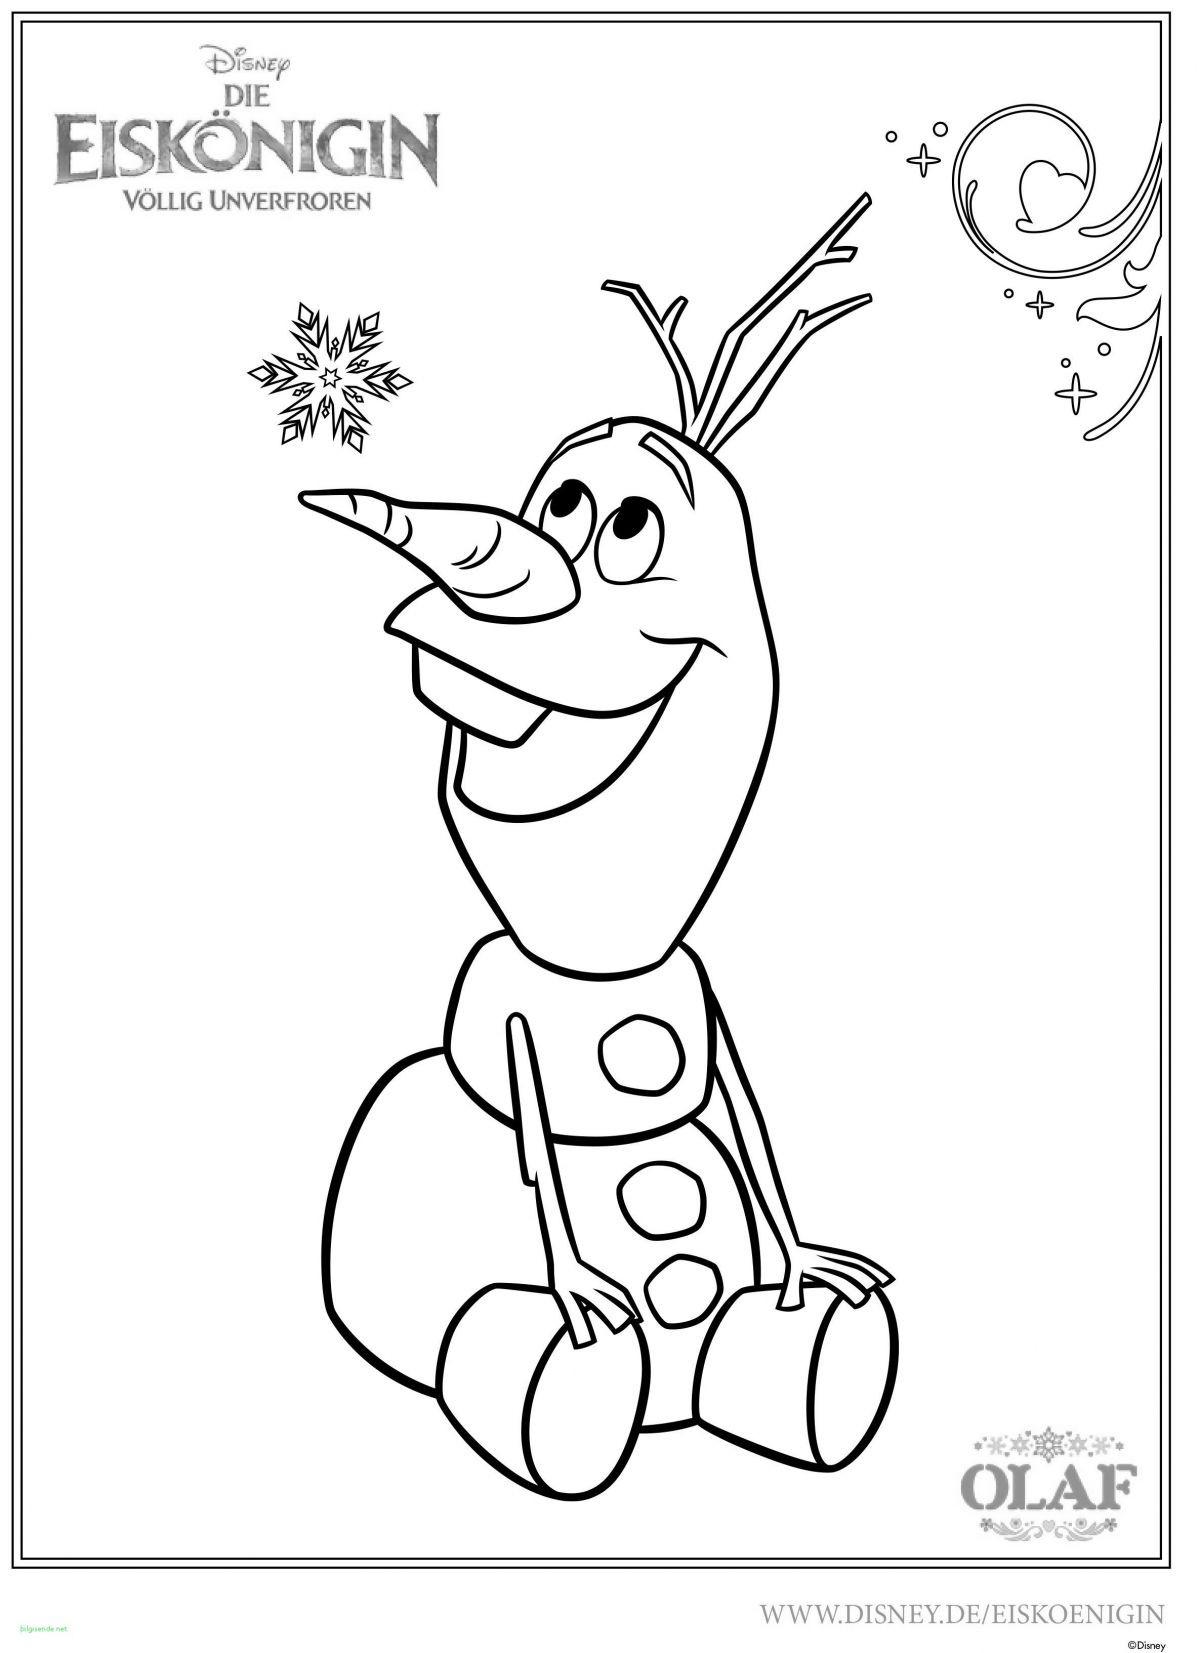 Ausmalbilder Disney Prinzessin Jasmin Neu 45 Neu Ausmalbilder Disney Frozen Beste Malvorlage Das Bild